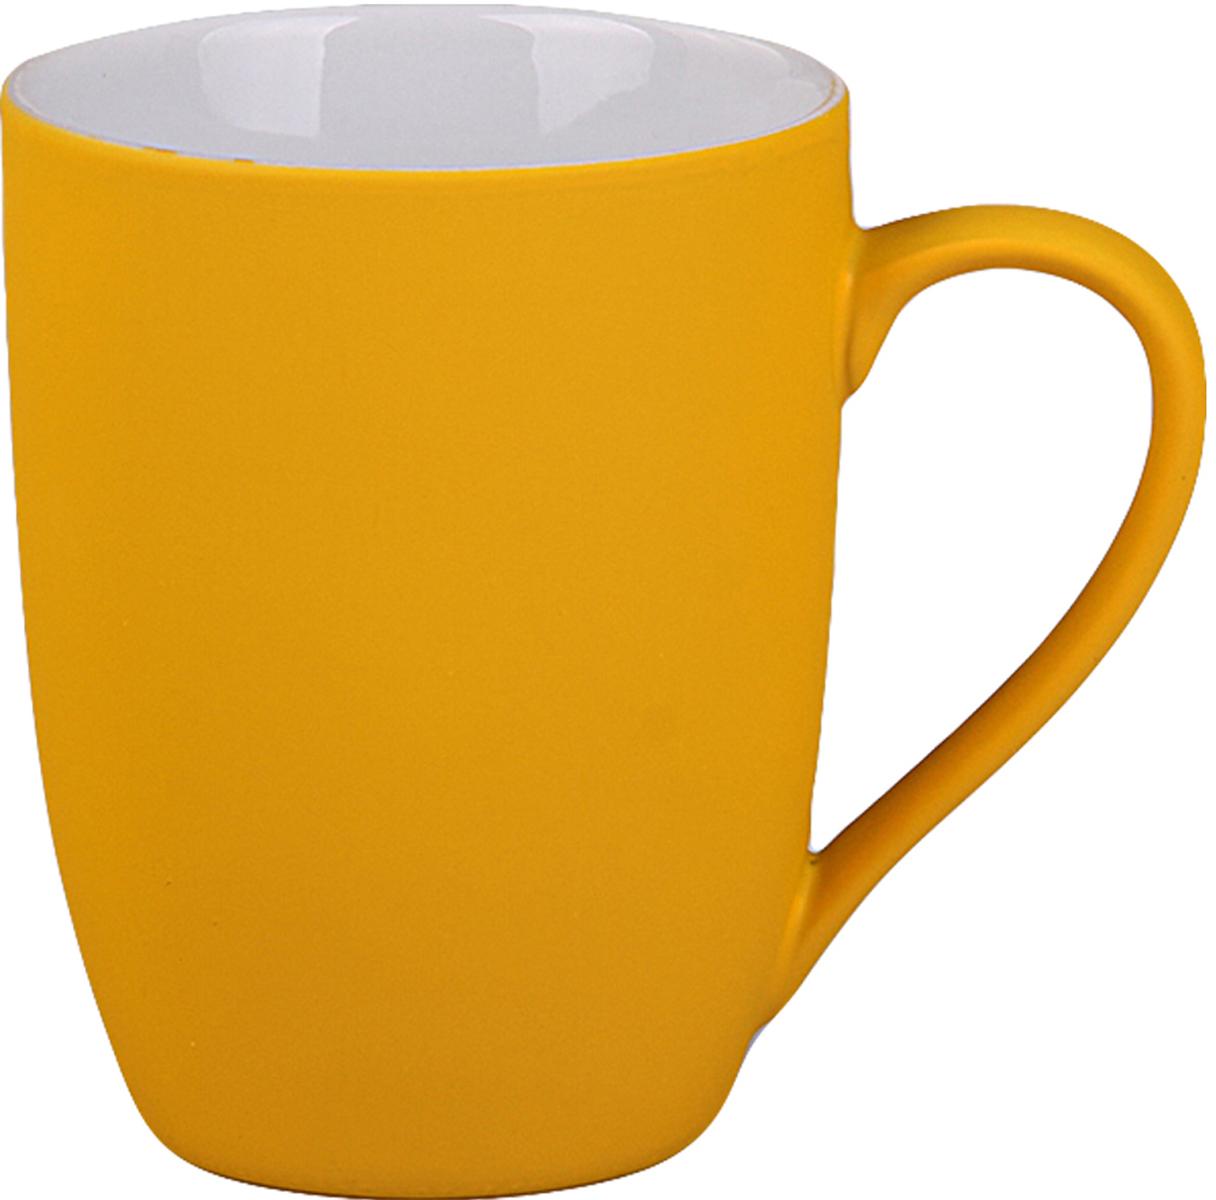 Кружка Patricia, цвет: желтый, 280 мл кружка ecowoo для мамы с подставкой 280 мл